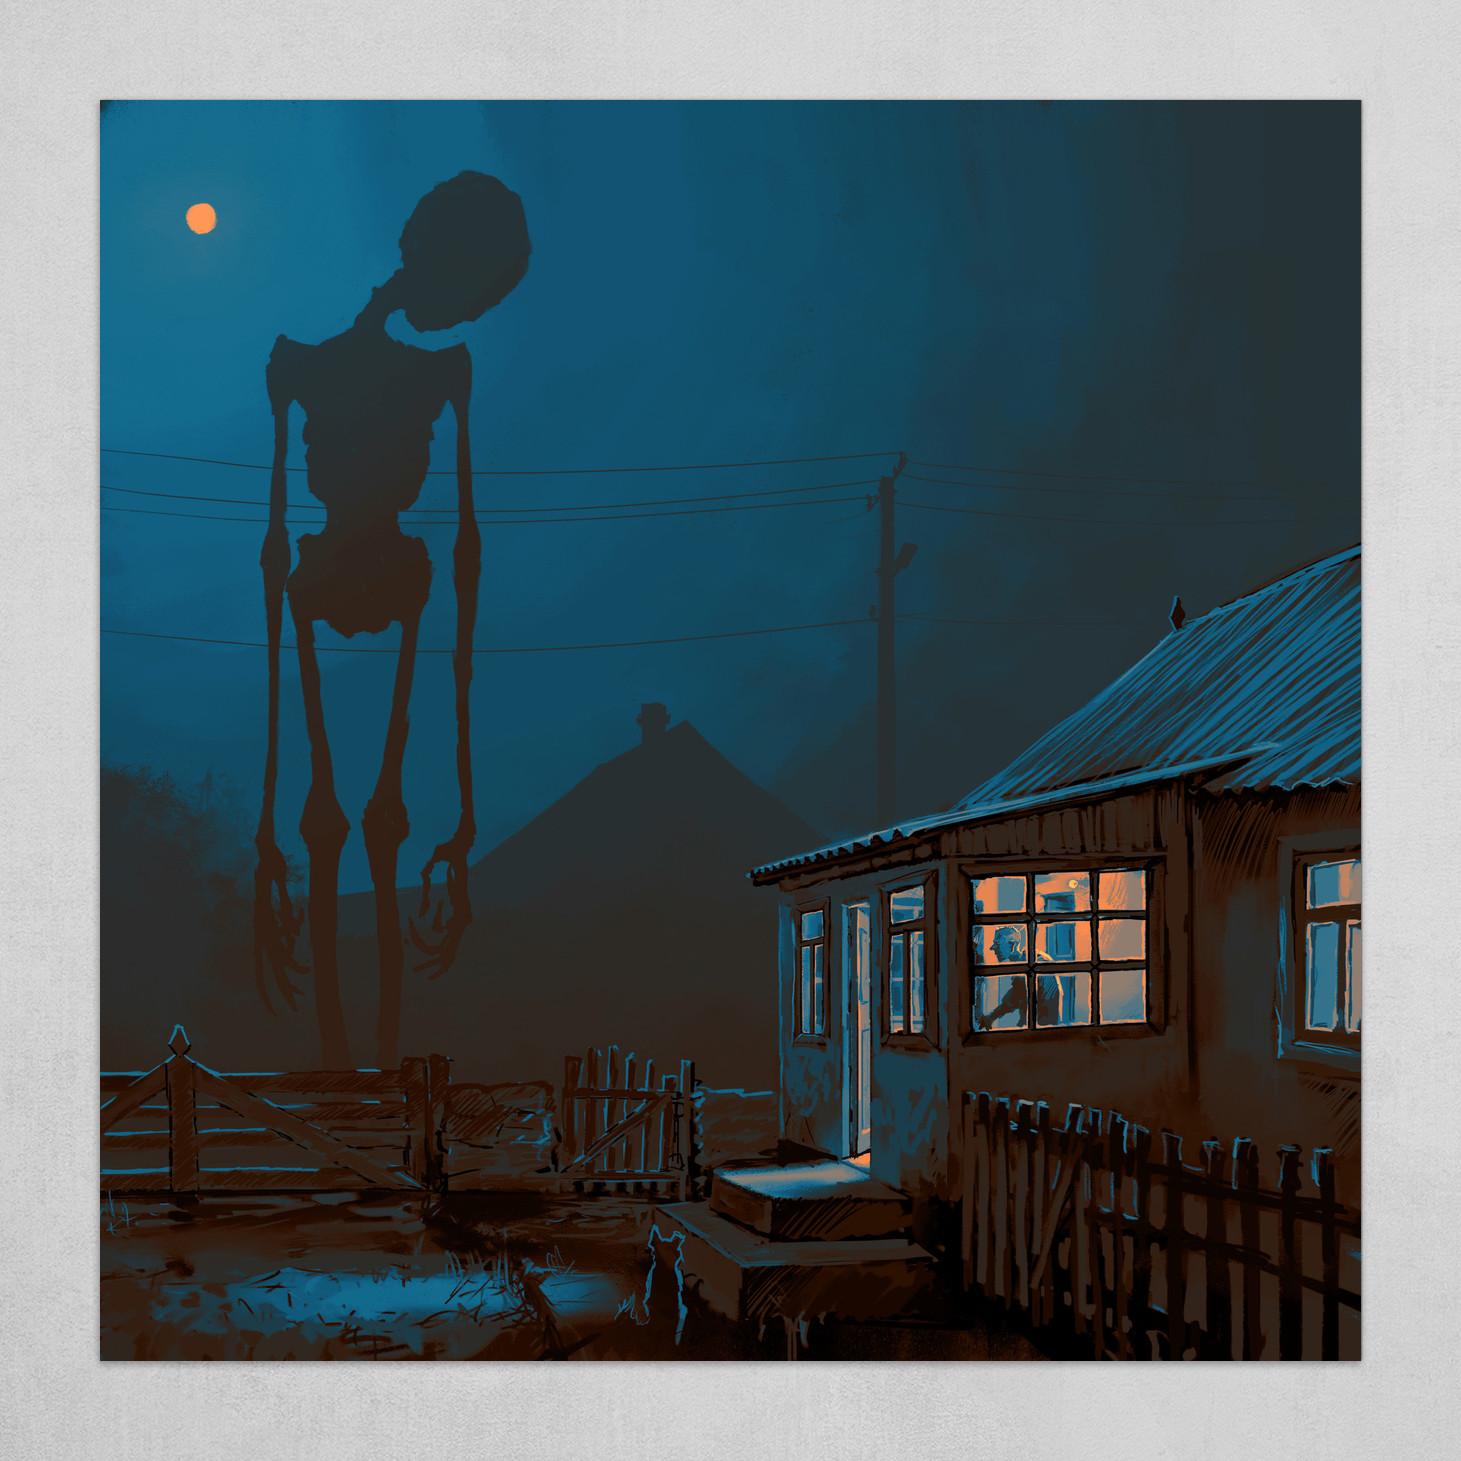 Night in a village